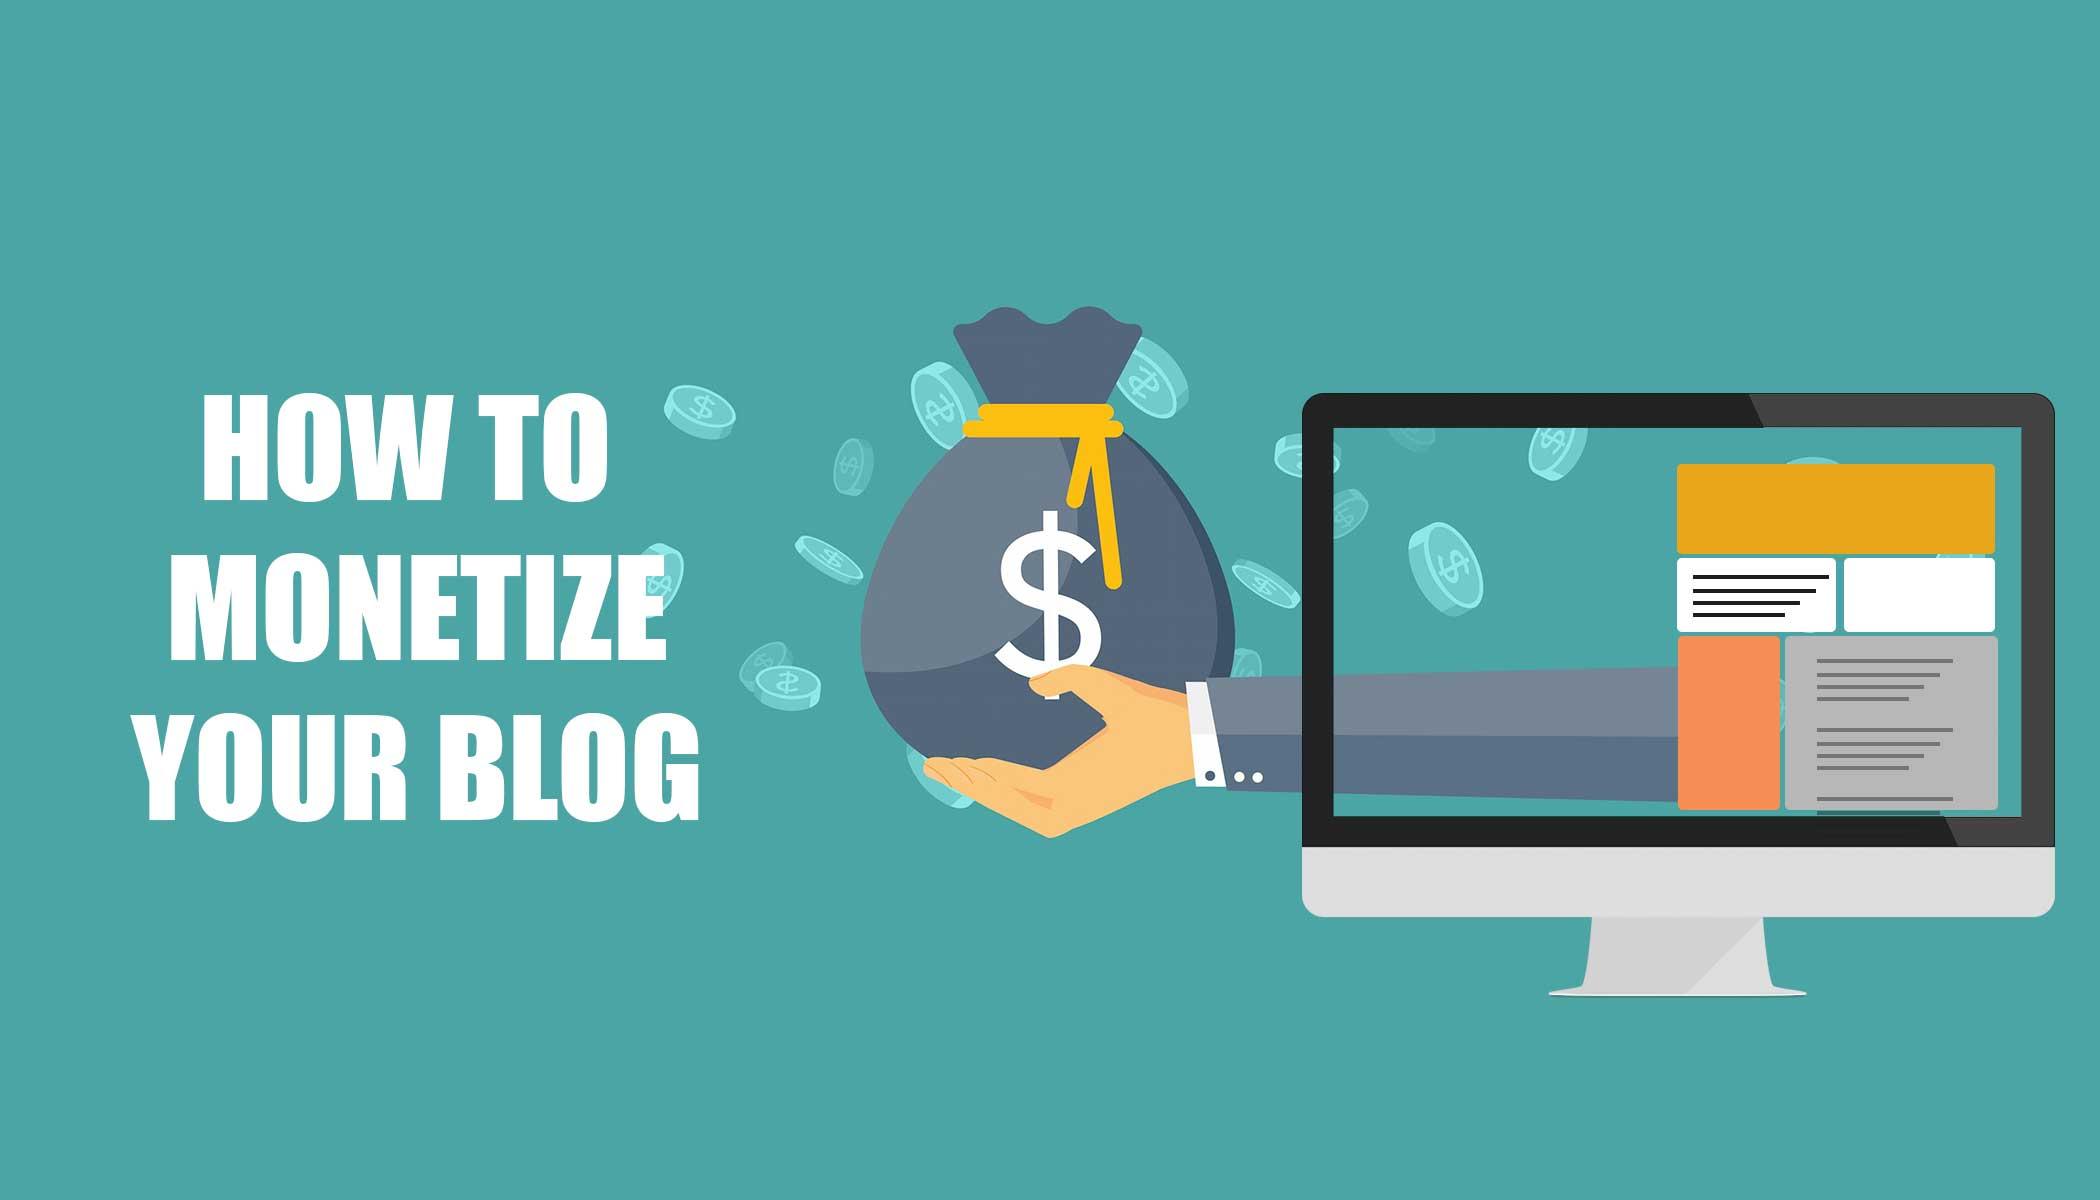 18. Monetizing Your Blog